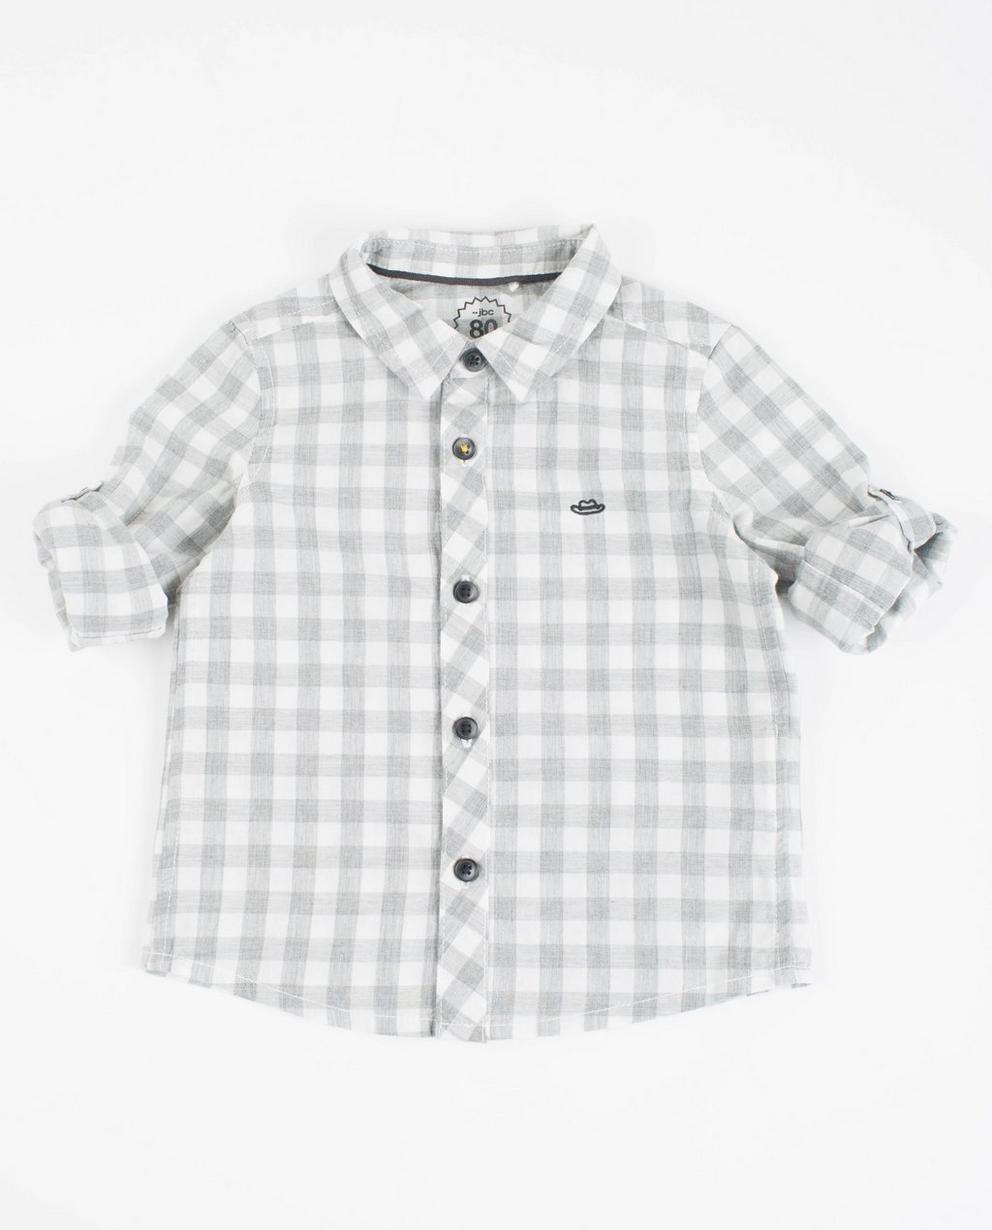 Grau-weißes Karo-Hemd  - mit Ärmeln zum Hochkrempeln - JBC